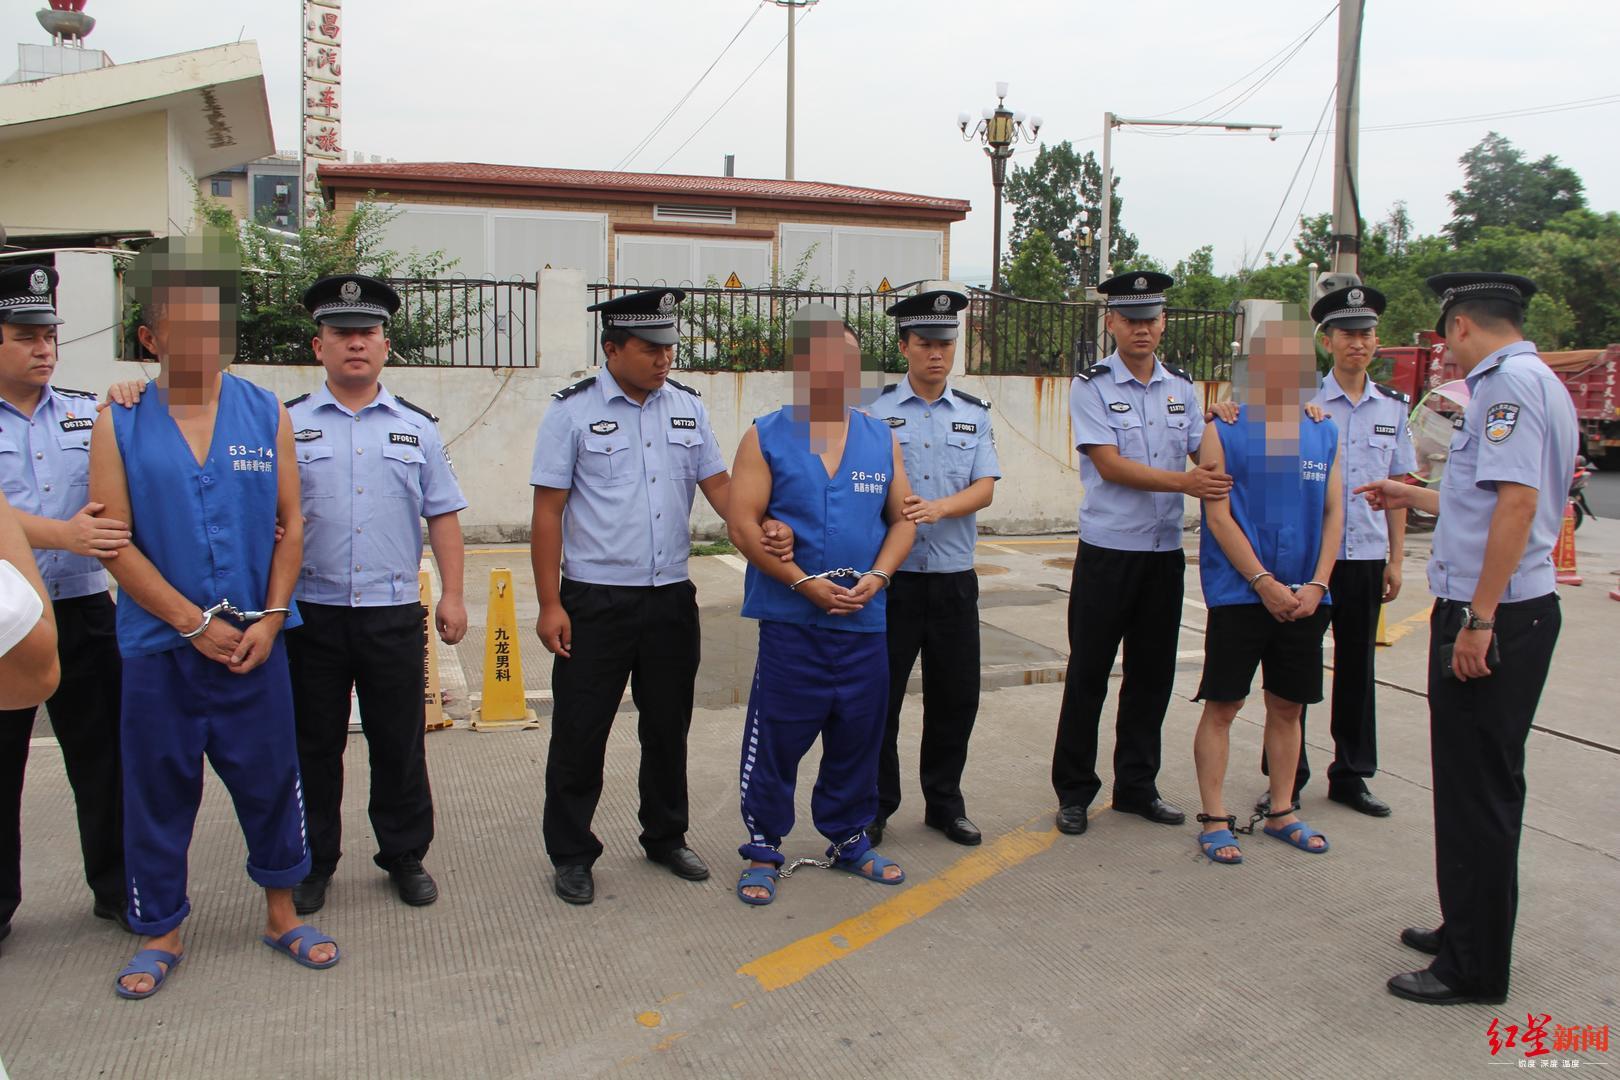 加油站女员工遭抢劫杀害 警方追凶15年3嫌疑人落网